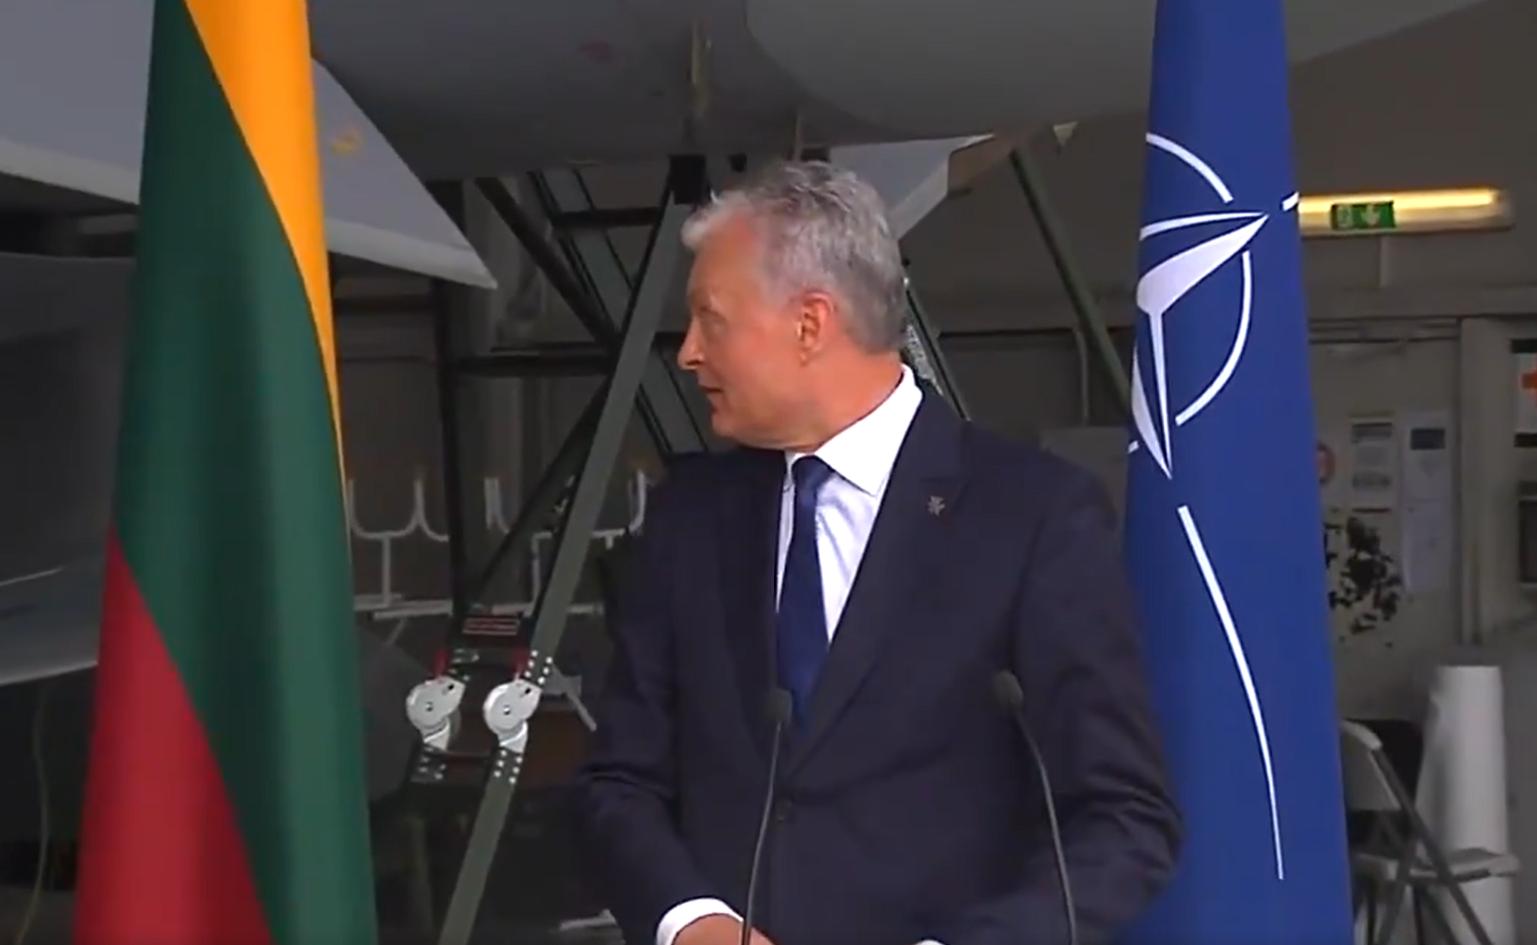 Alertă într-o bază NATO, din cauza unui avion rusesc. Premierul Spaniei și președintele Lituaniei, evacuați